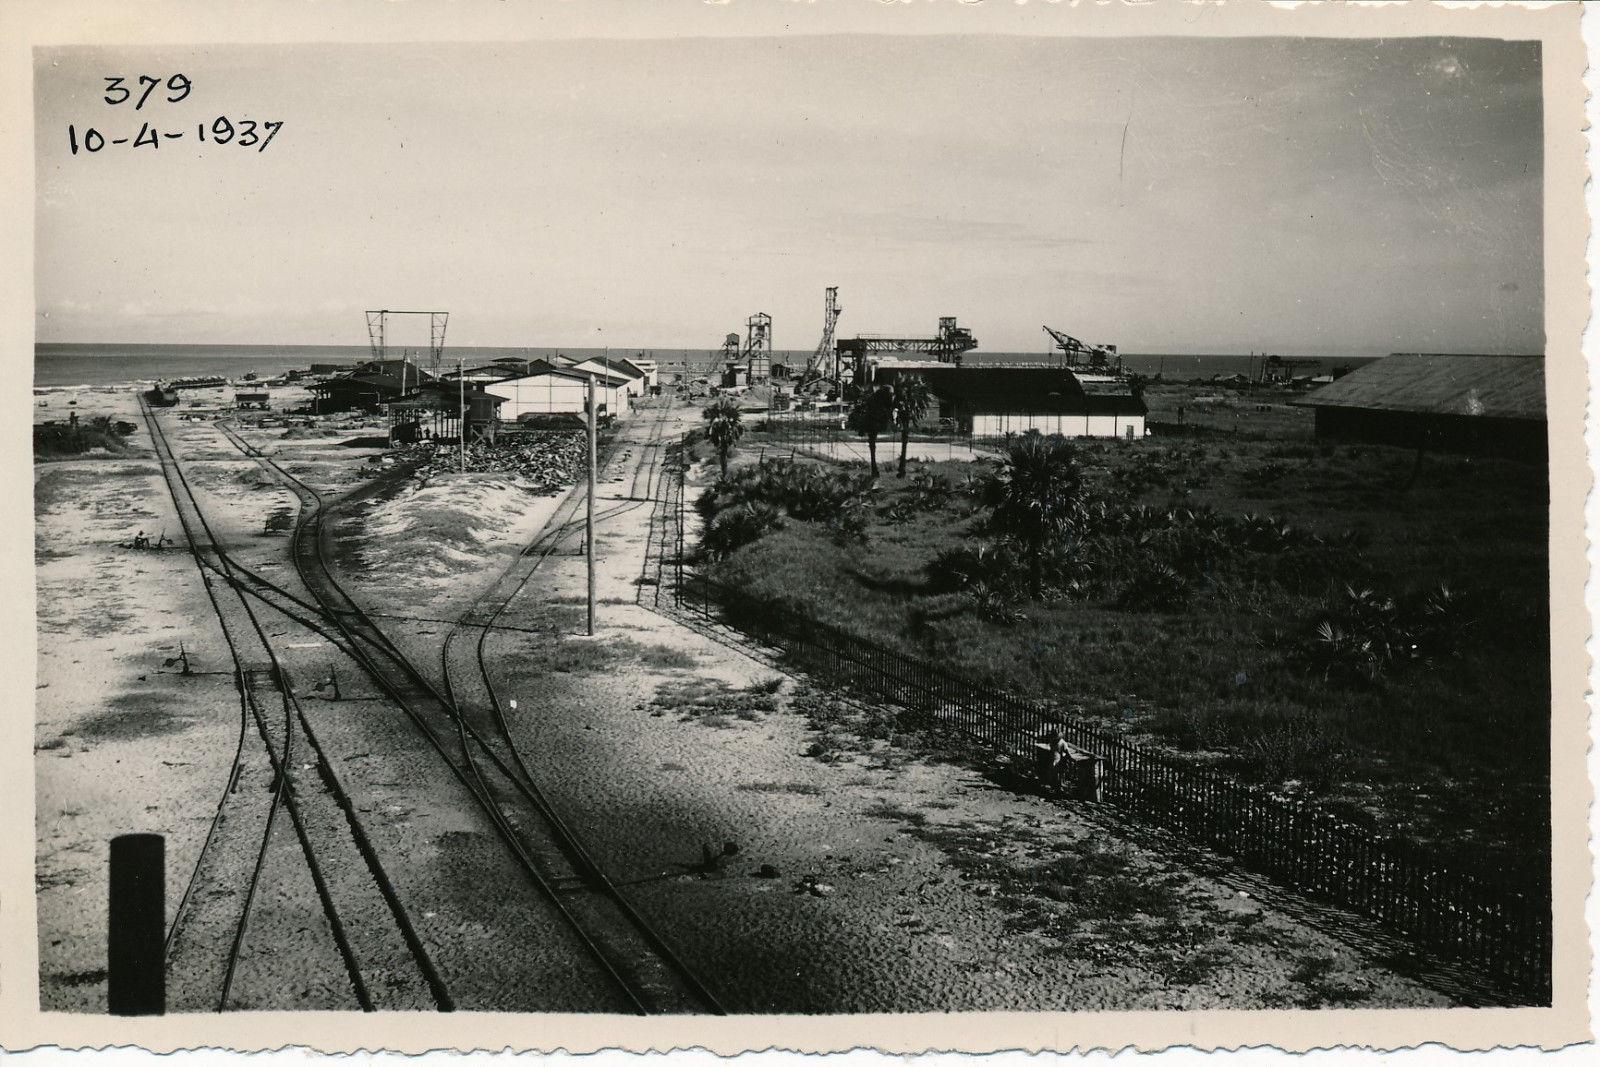 10.04.37. Вид станции и строительной площадки